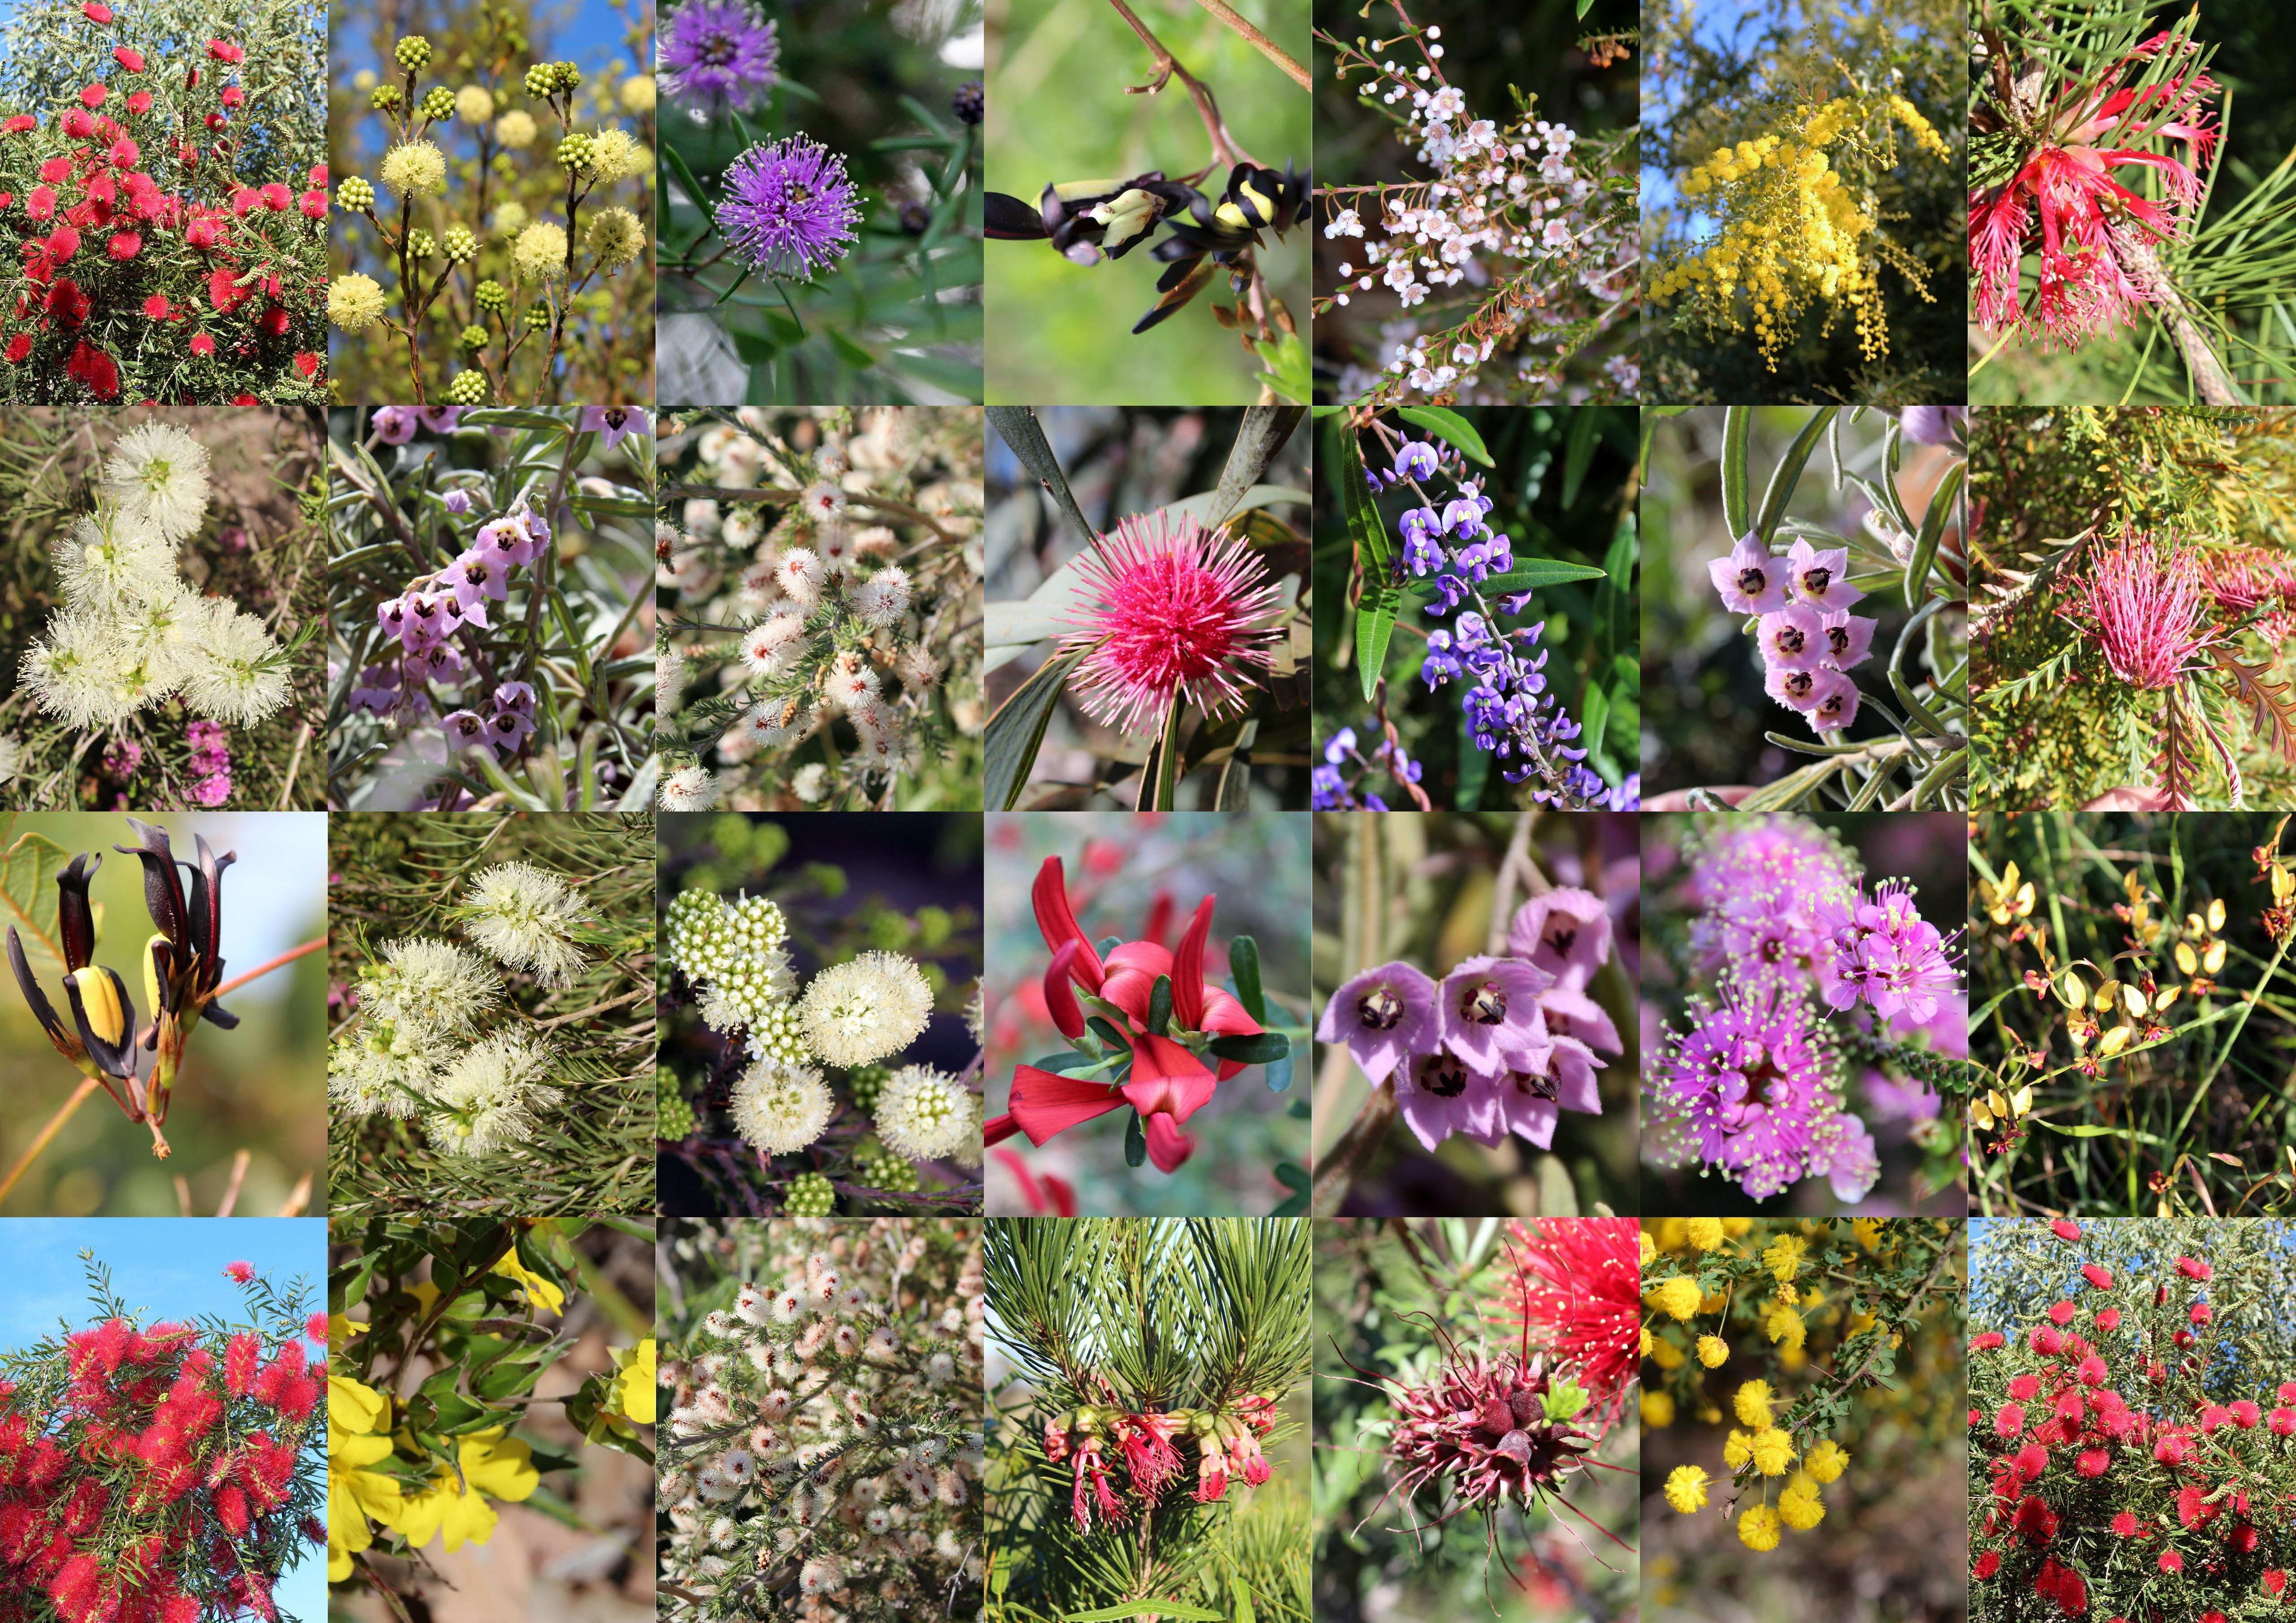 Till skillnad från andra allergener, som damm och pälsdjur, är det svårt att undvika pollen då det under pollensäsongen finns i luften överallt.